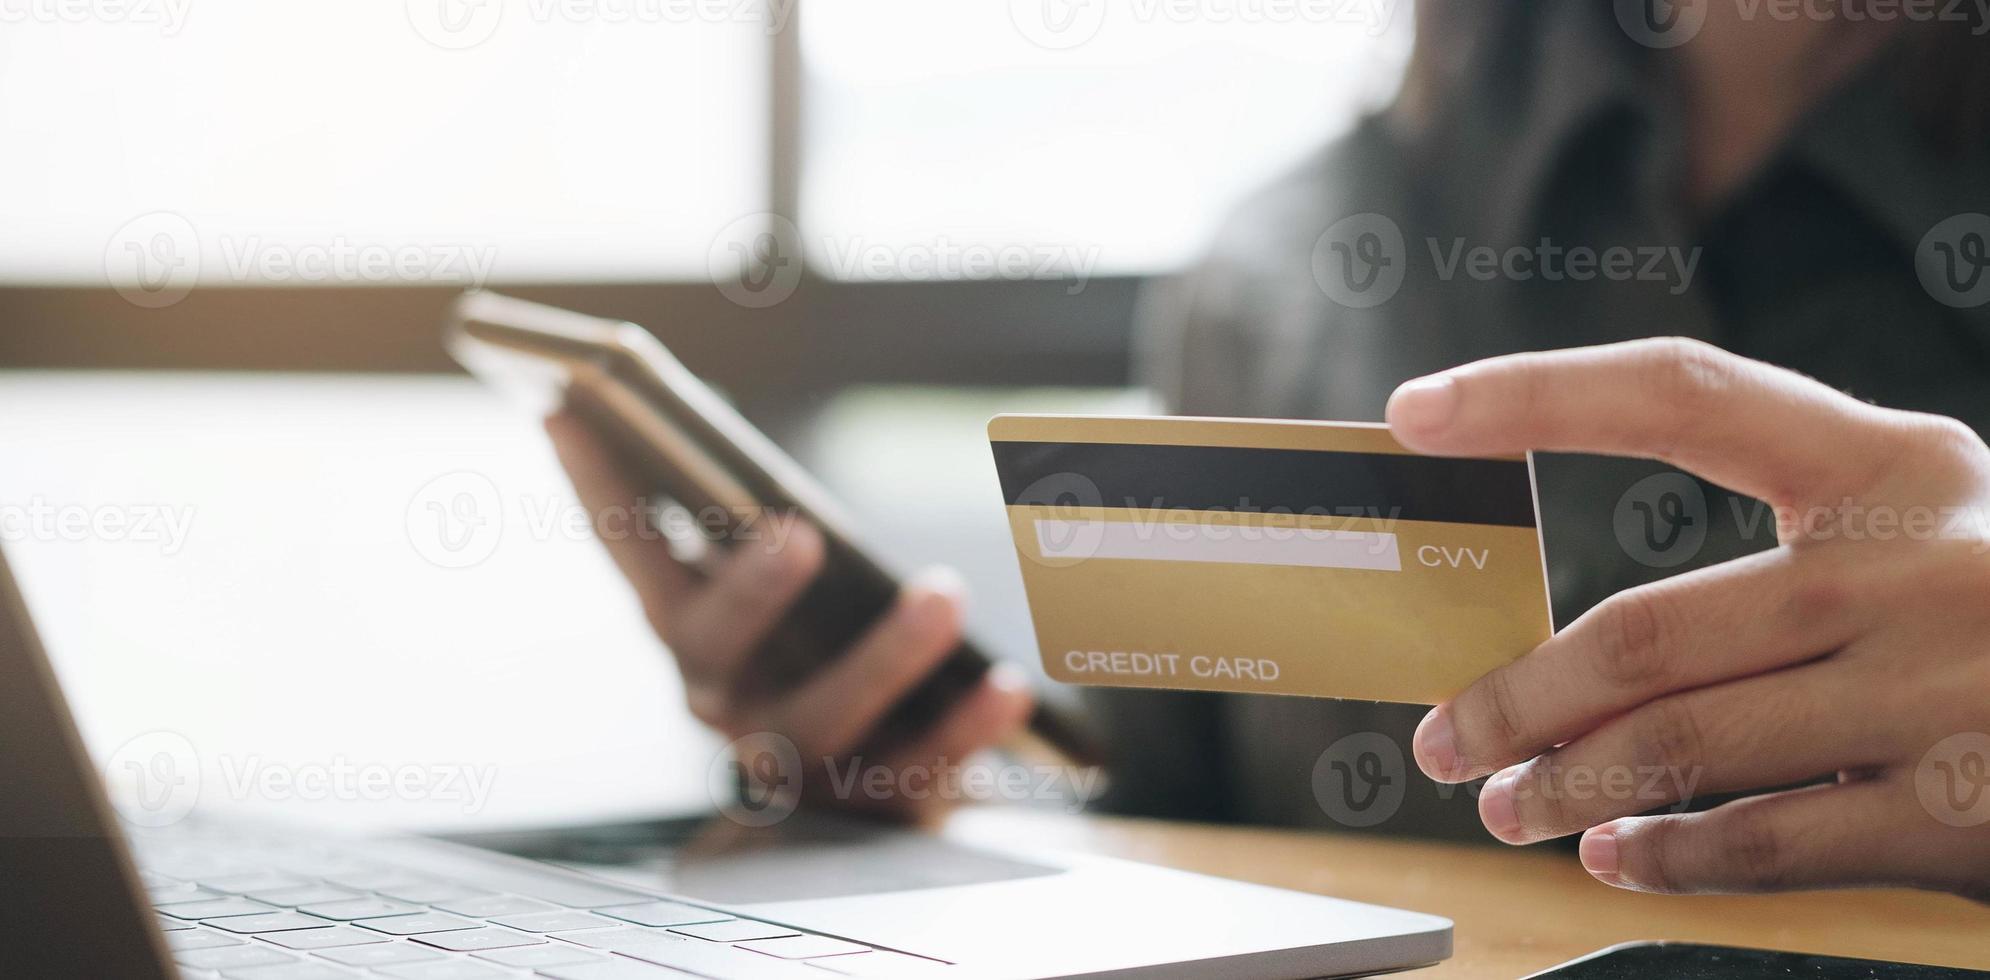 mãos segurando um cartão de crédito e usando laptop foto